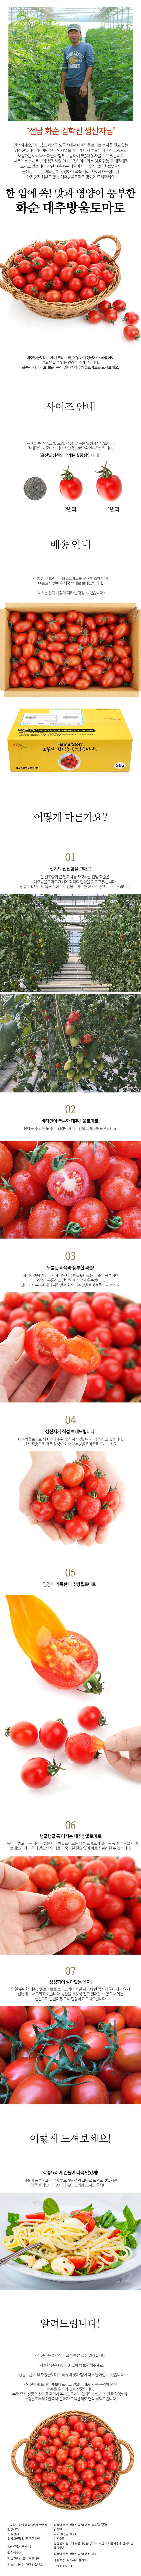 hs_tomato.jpg